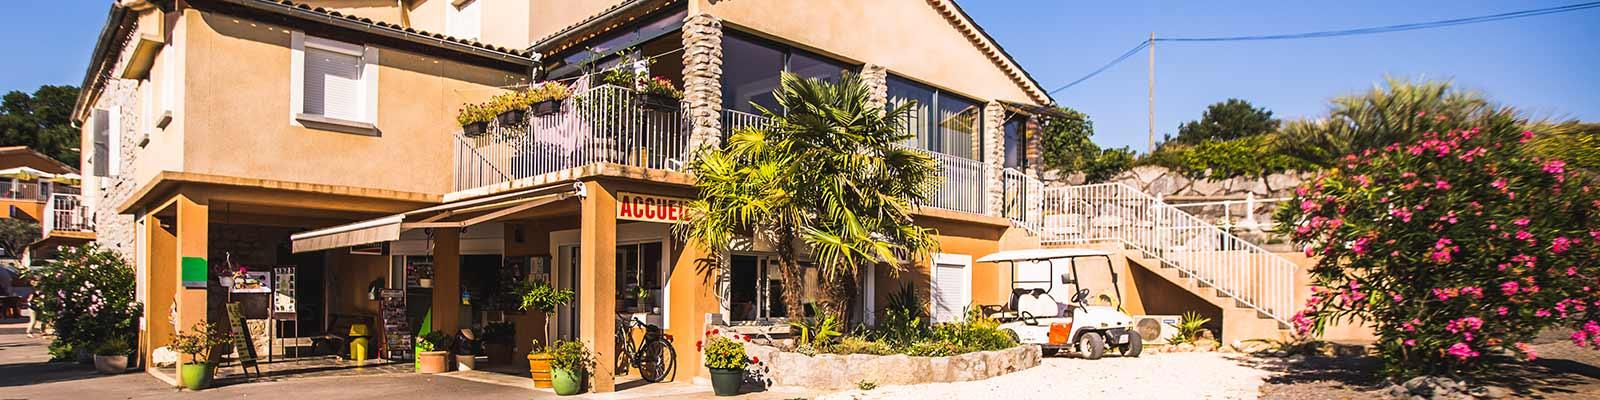 Discover La Chapouiliere campiste in the Ardeche